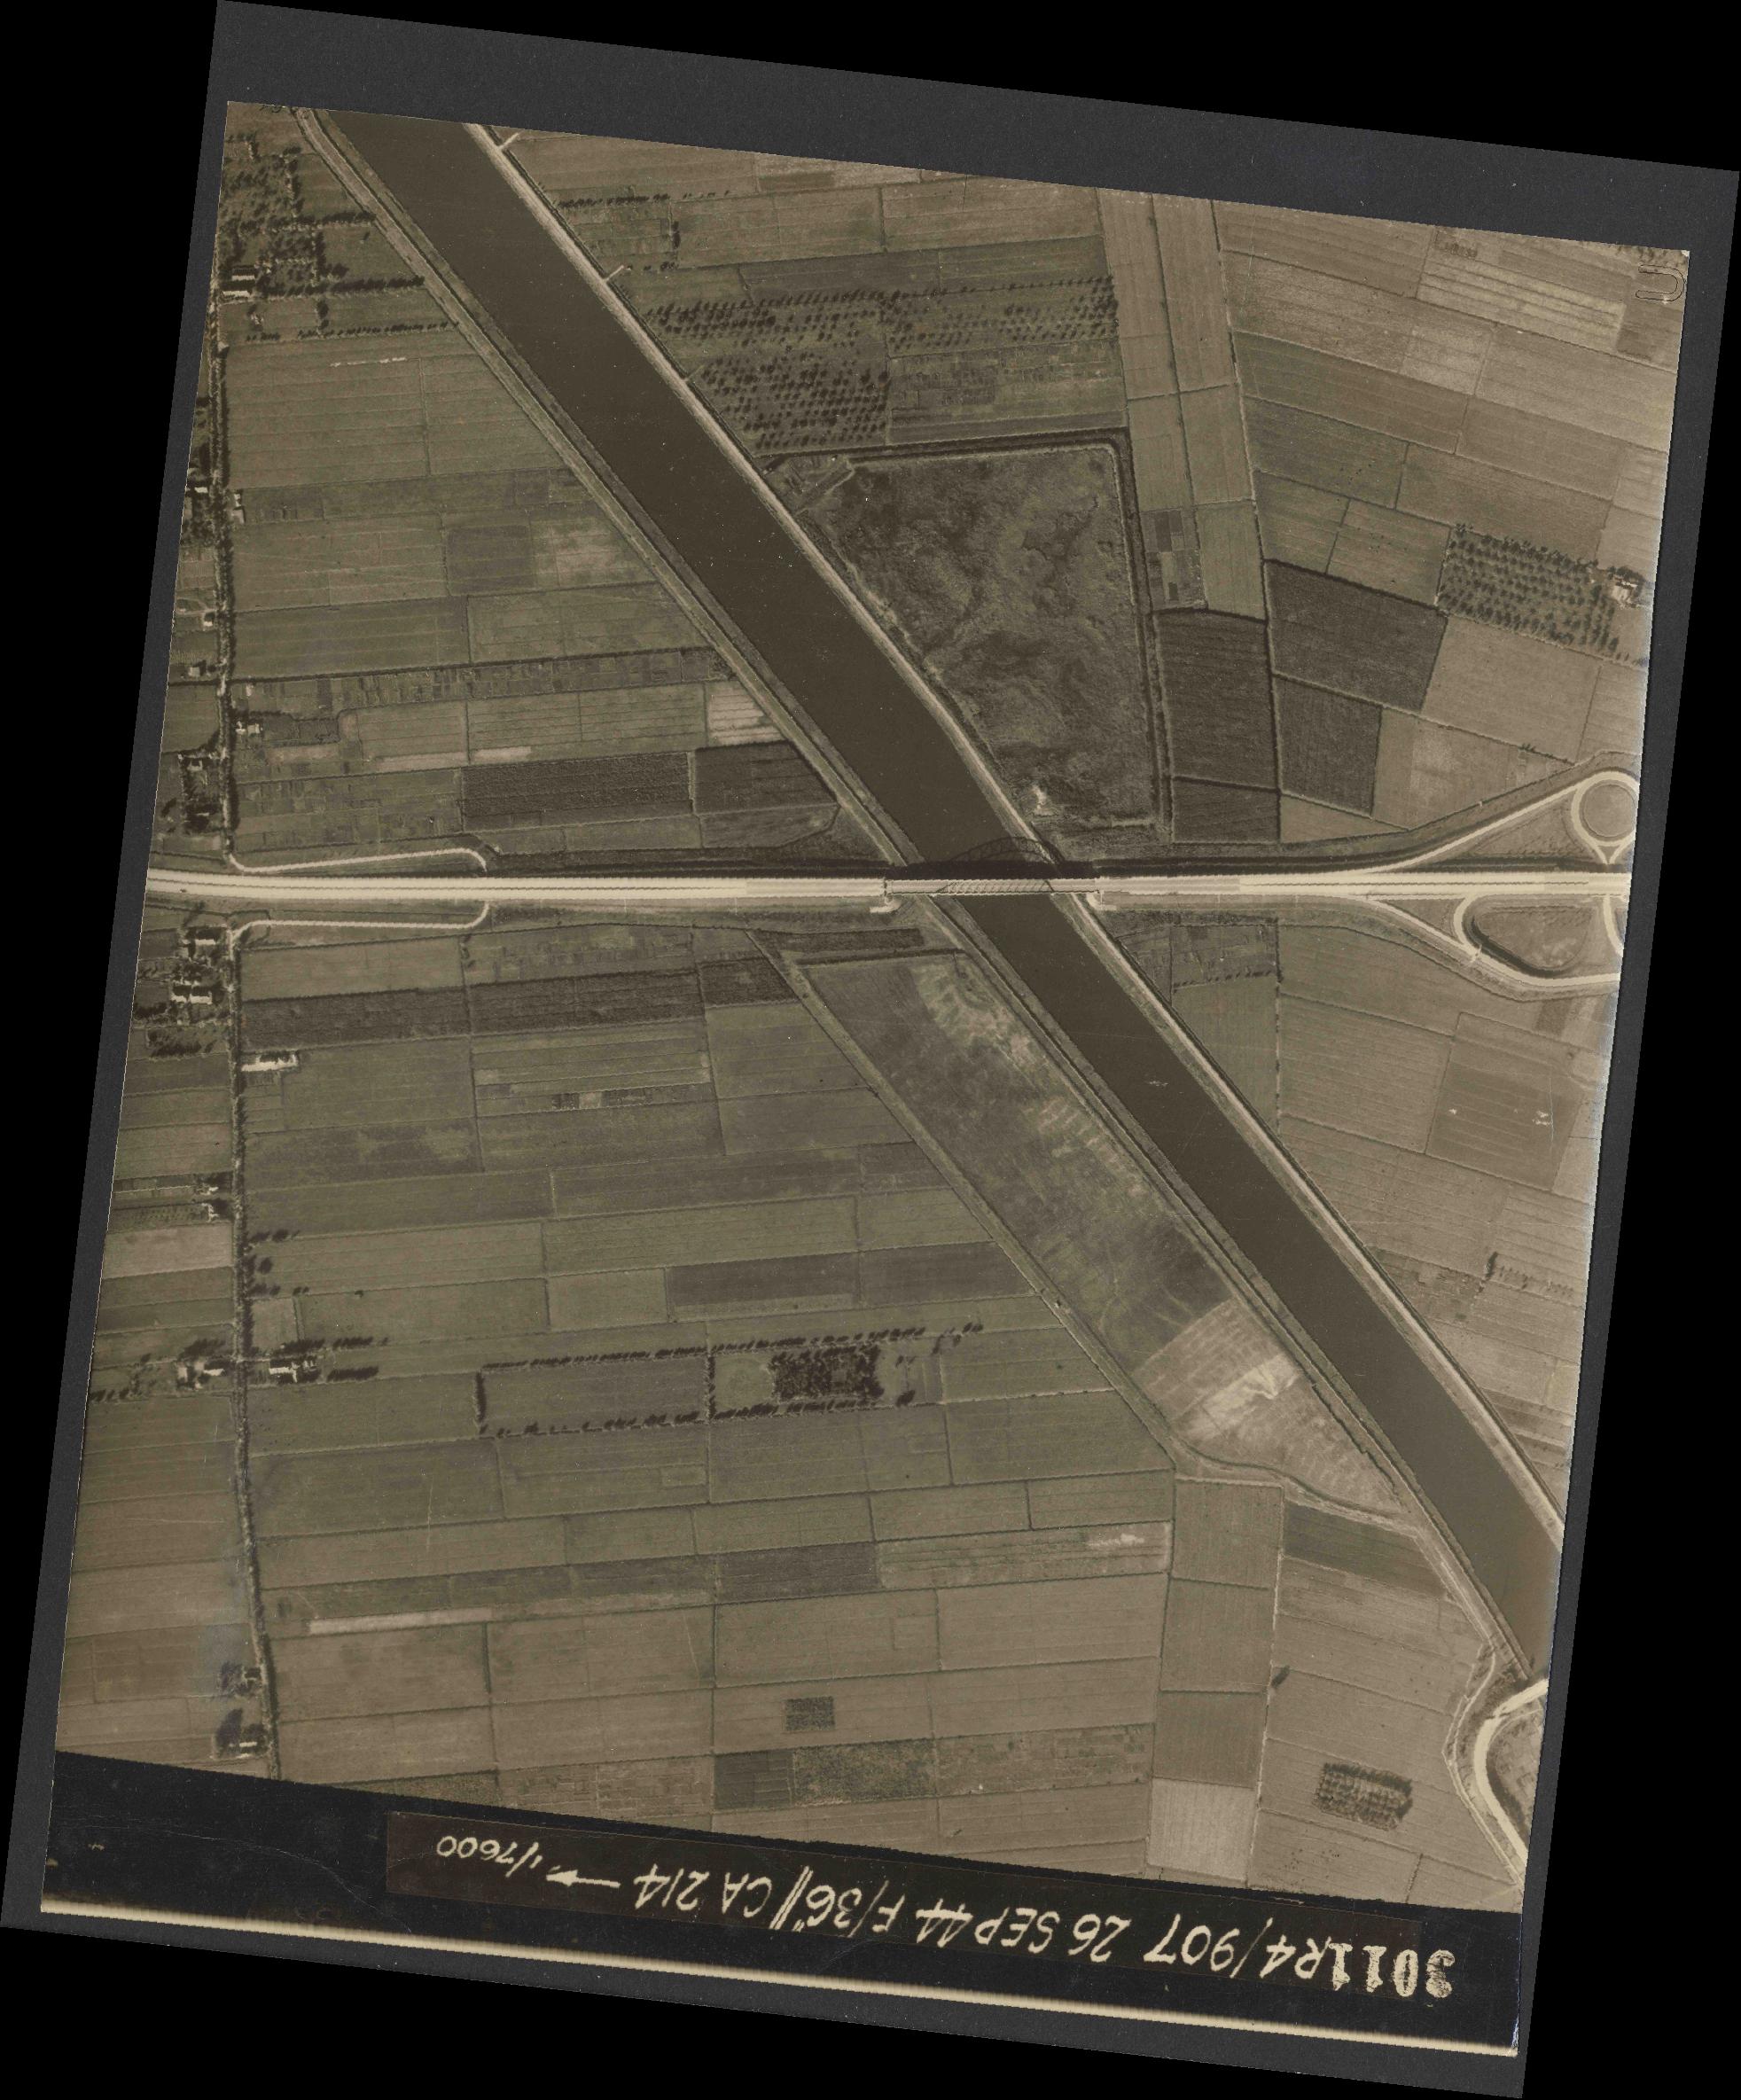 Collection RAF aerial photos 1940-1945 - flight 097, run 02, photo 3011